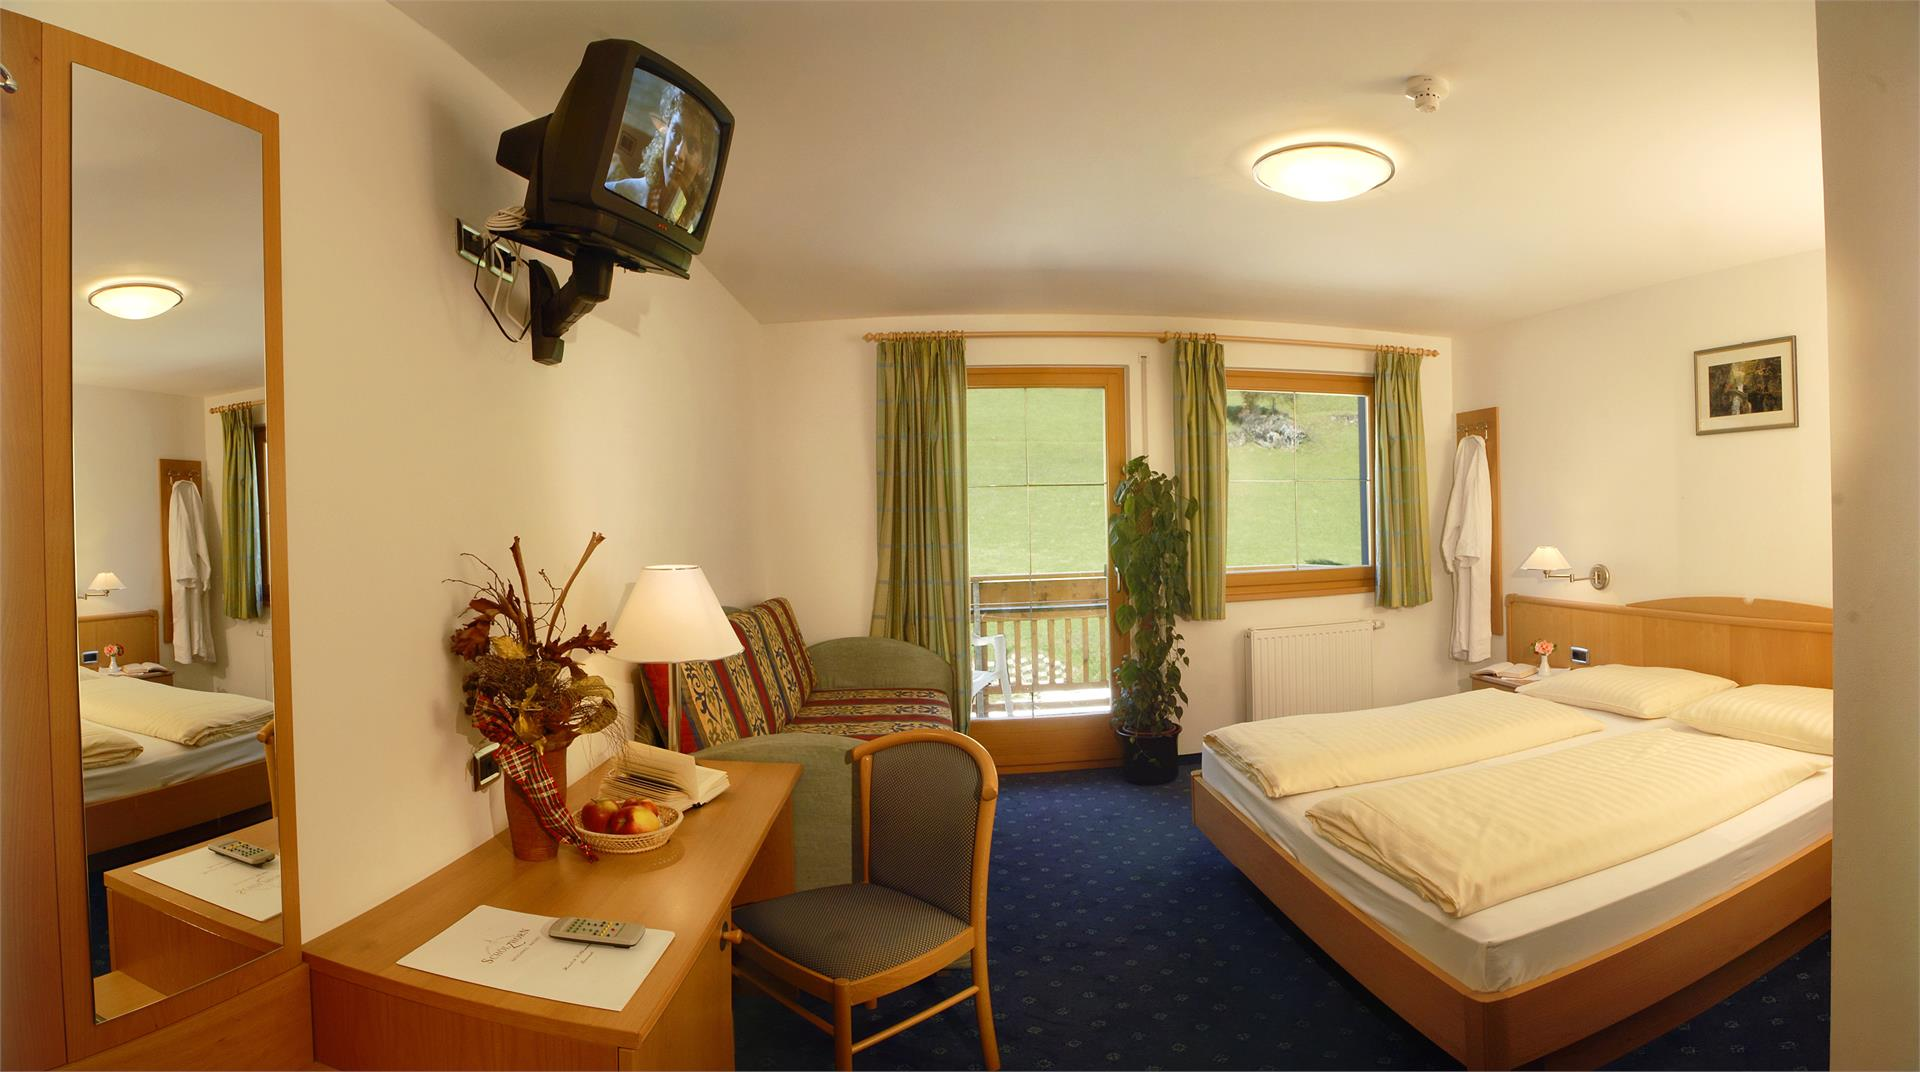 Doppelzimmer mit Dusche/WC/Föhn/Sat-TV/Safe